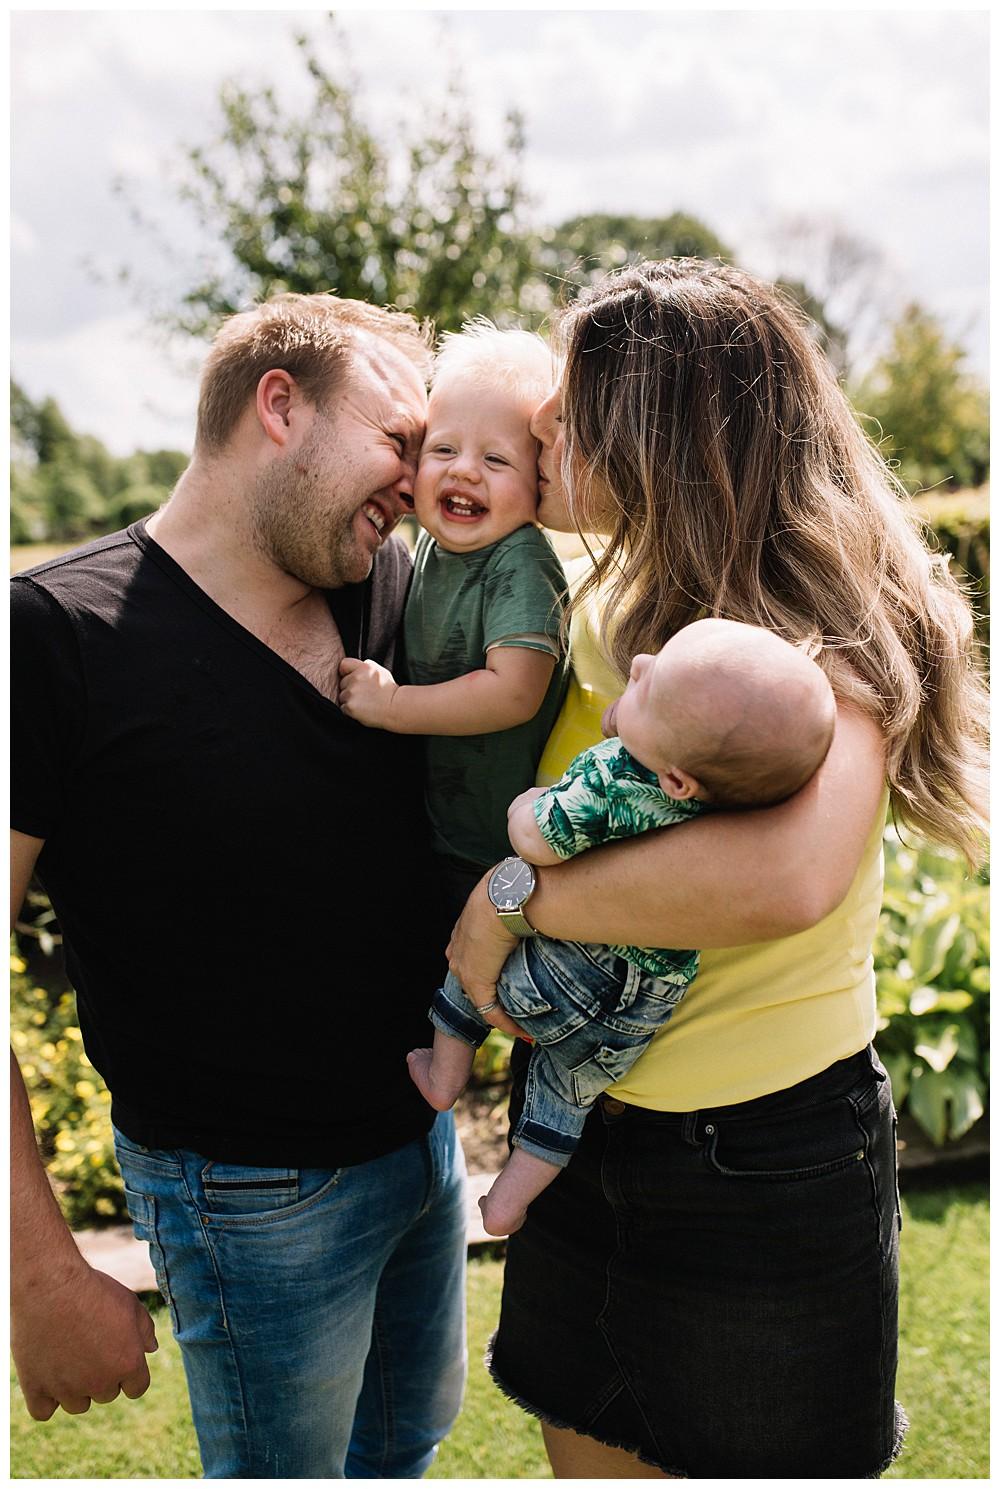 oh-belle_fotograaf-lunteren_newborn-fotograaf-veenendaal_newborn-fotoshoot-lifestyle_0141 Babyshoot Lunteren